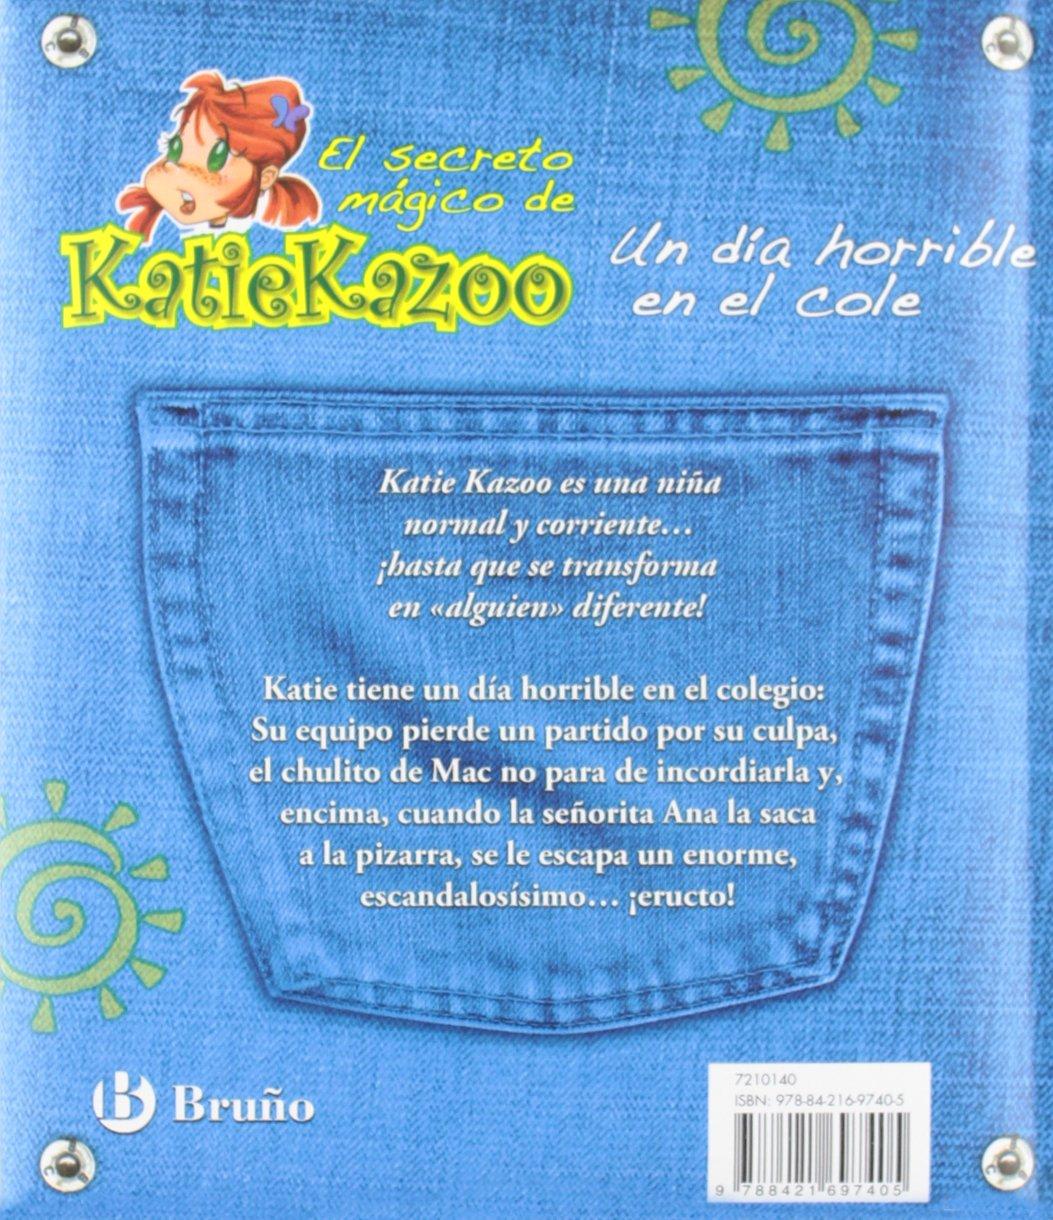 La caja secreta de Katie Kazoo: 1-2 Castellano - A Partir De 8 Años - Personajes - Katie Kazoo: Amazon.es: Nancy Krulik, John y Wendy, Begoña Oro: Libros